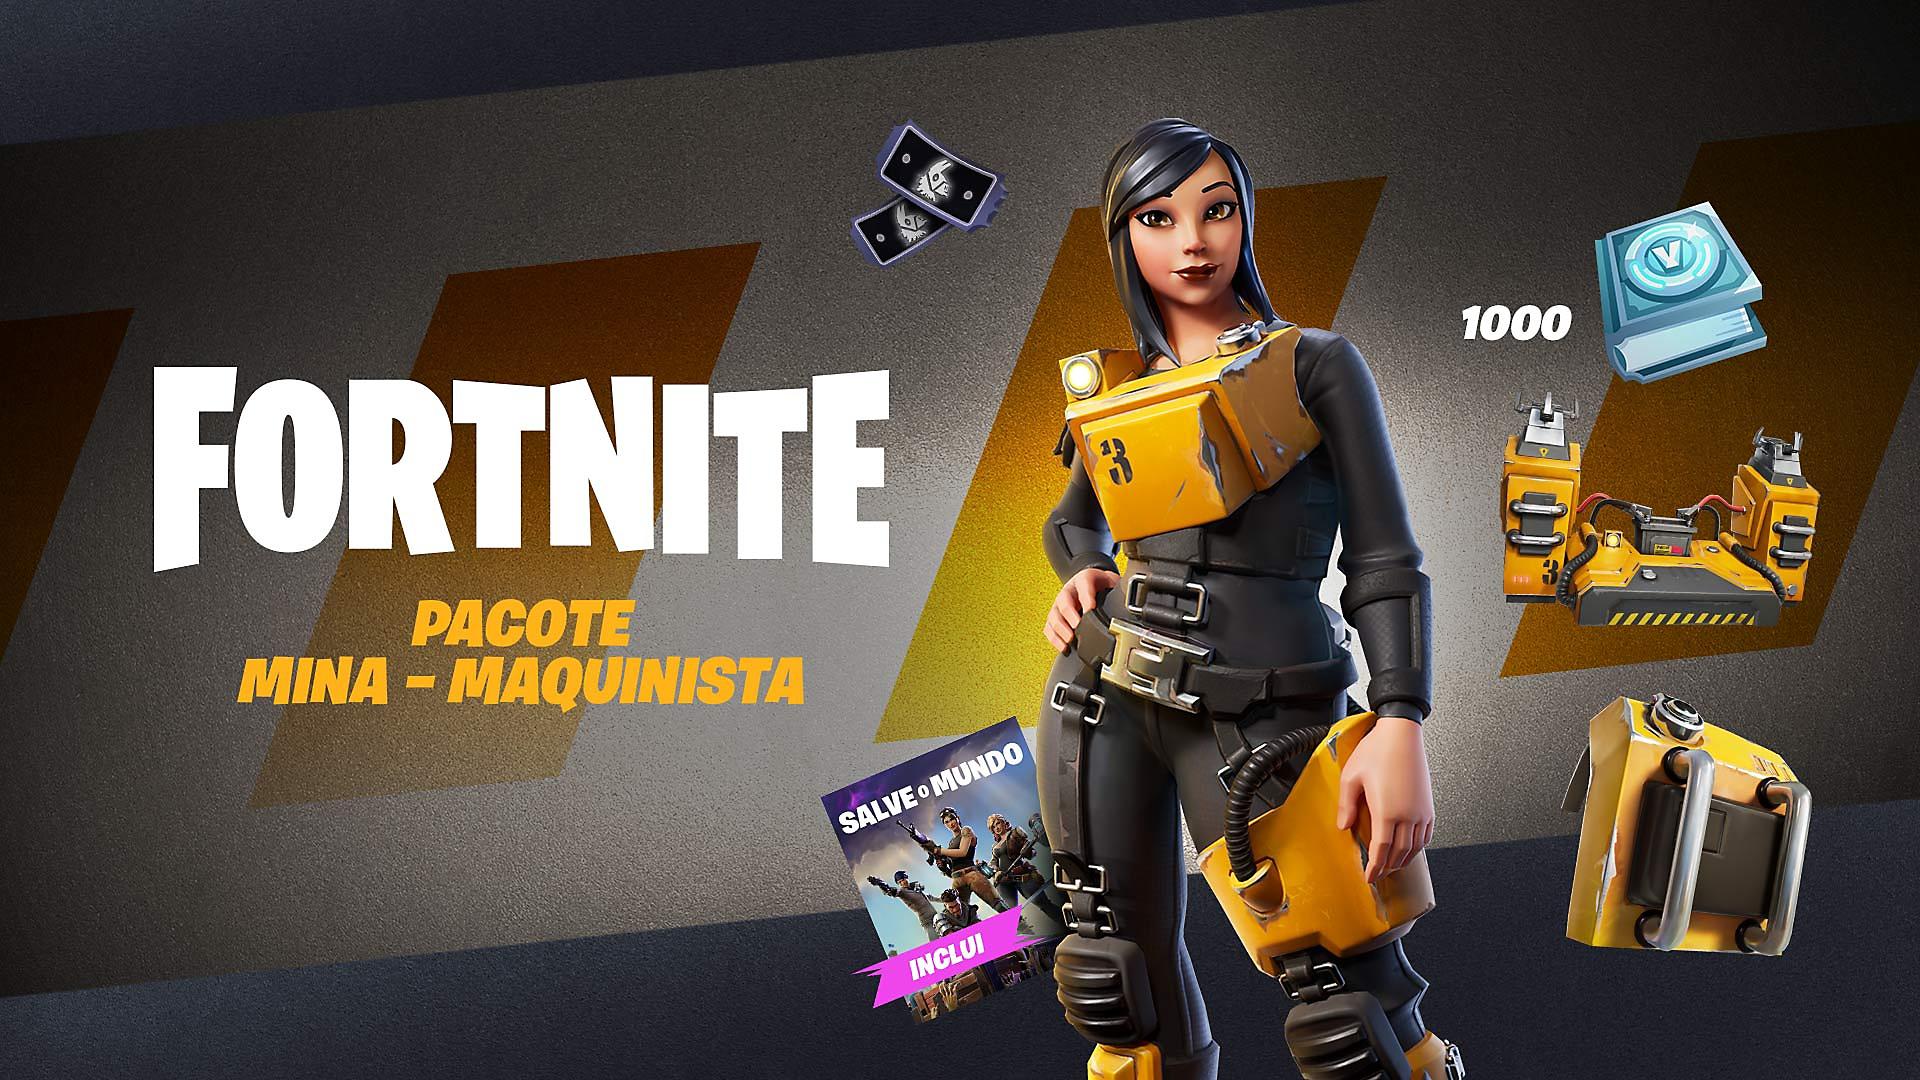 Fortnite - Powerhouse Pack - Store Art